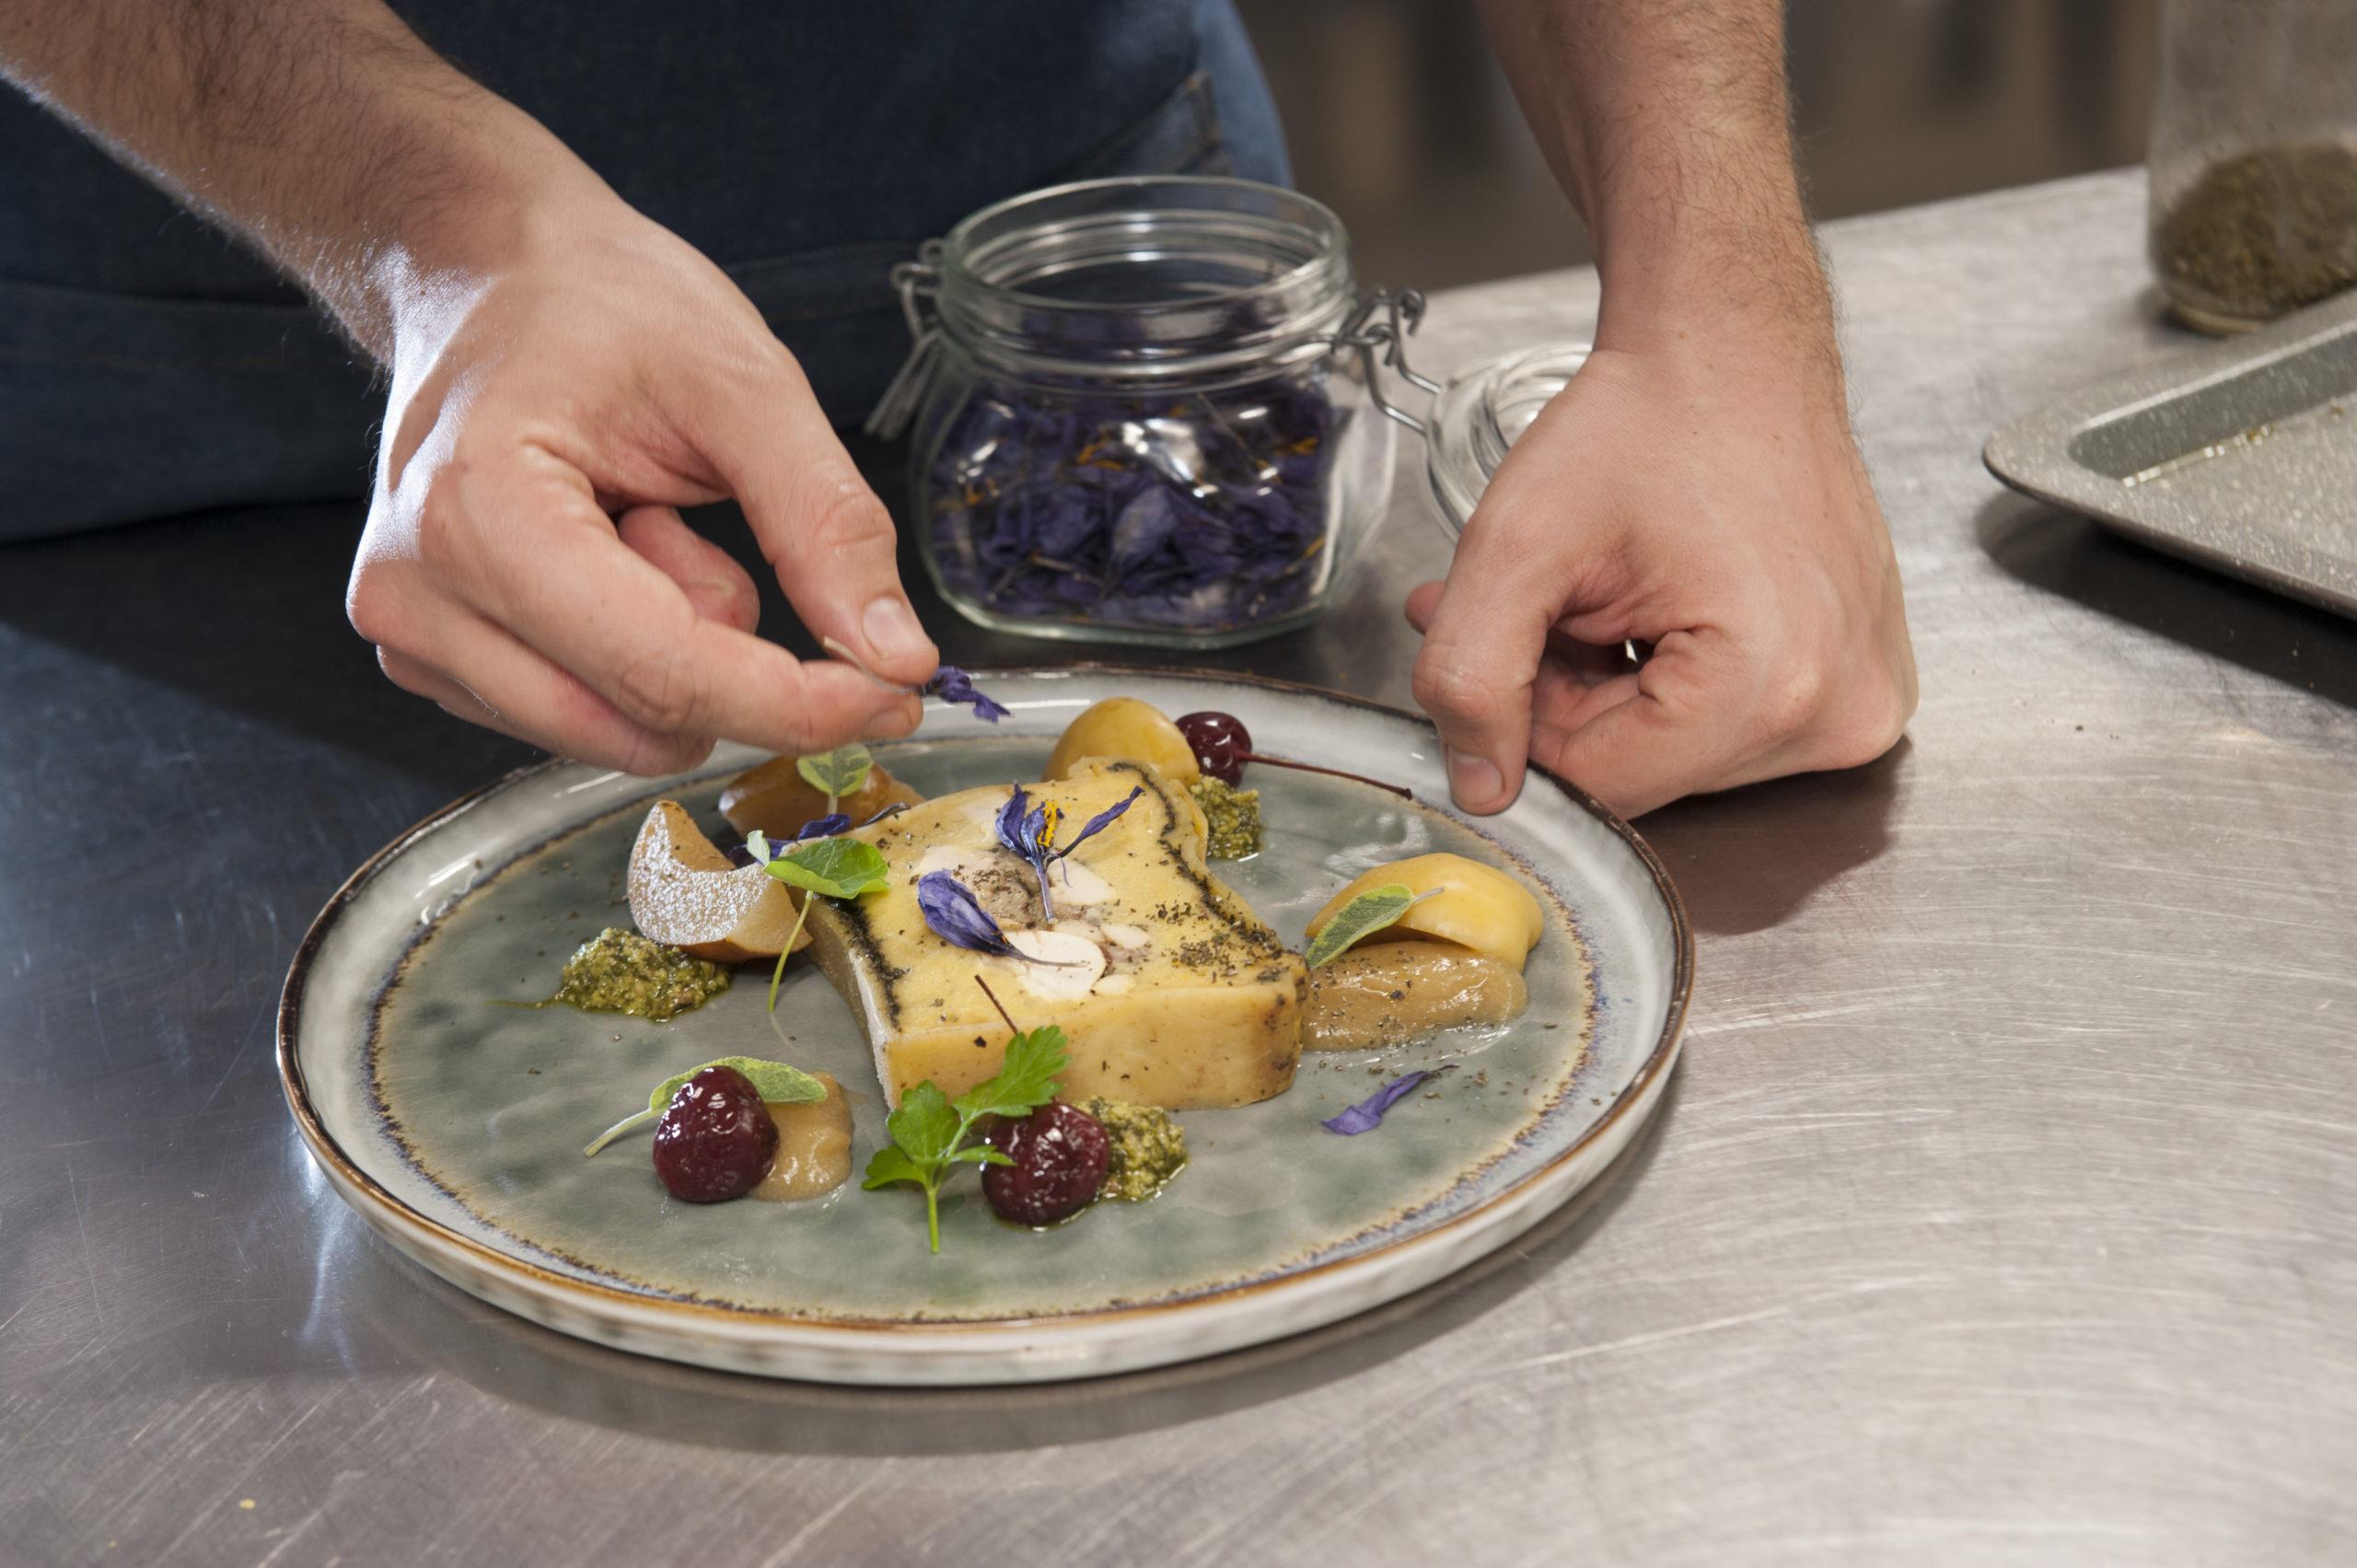 La Brinca a Ne. Chef Simone Circella, in sala Matteo Circella. Torta lavagnese.